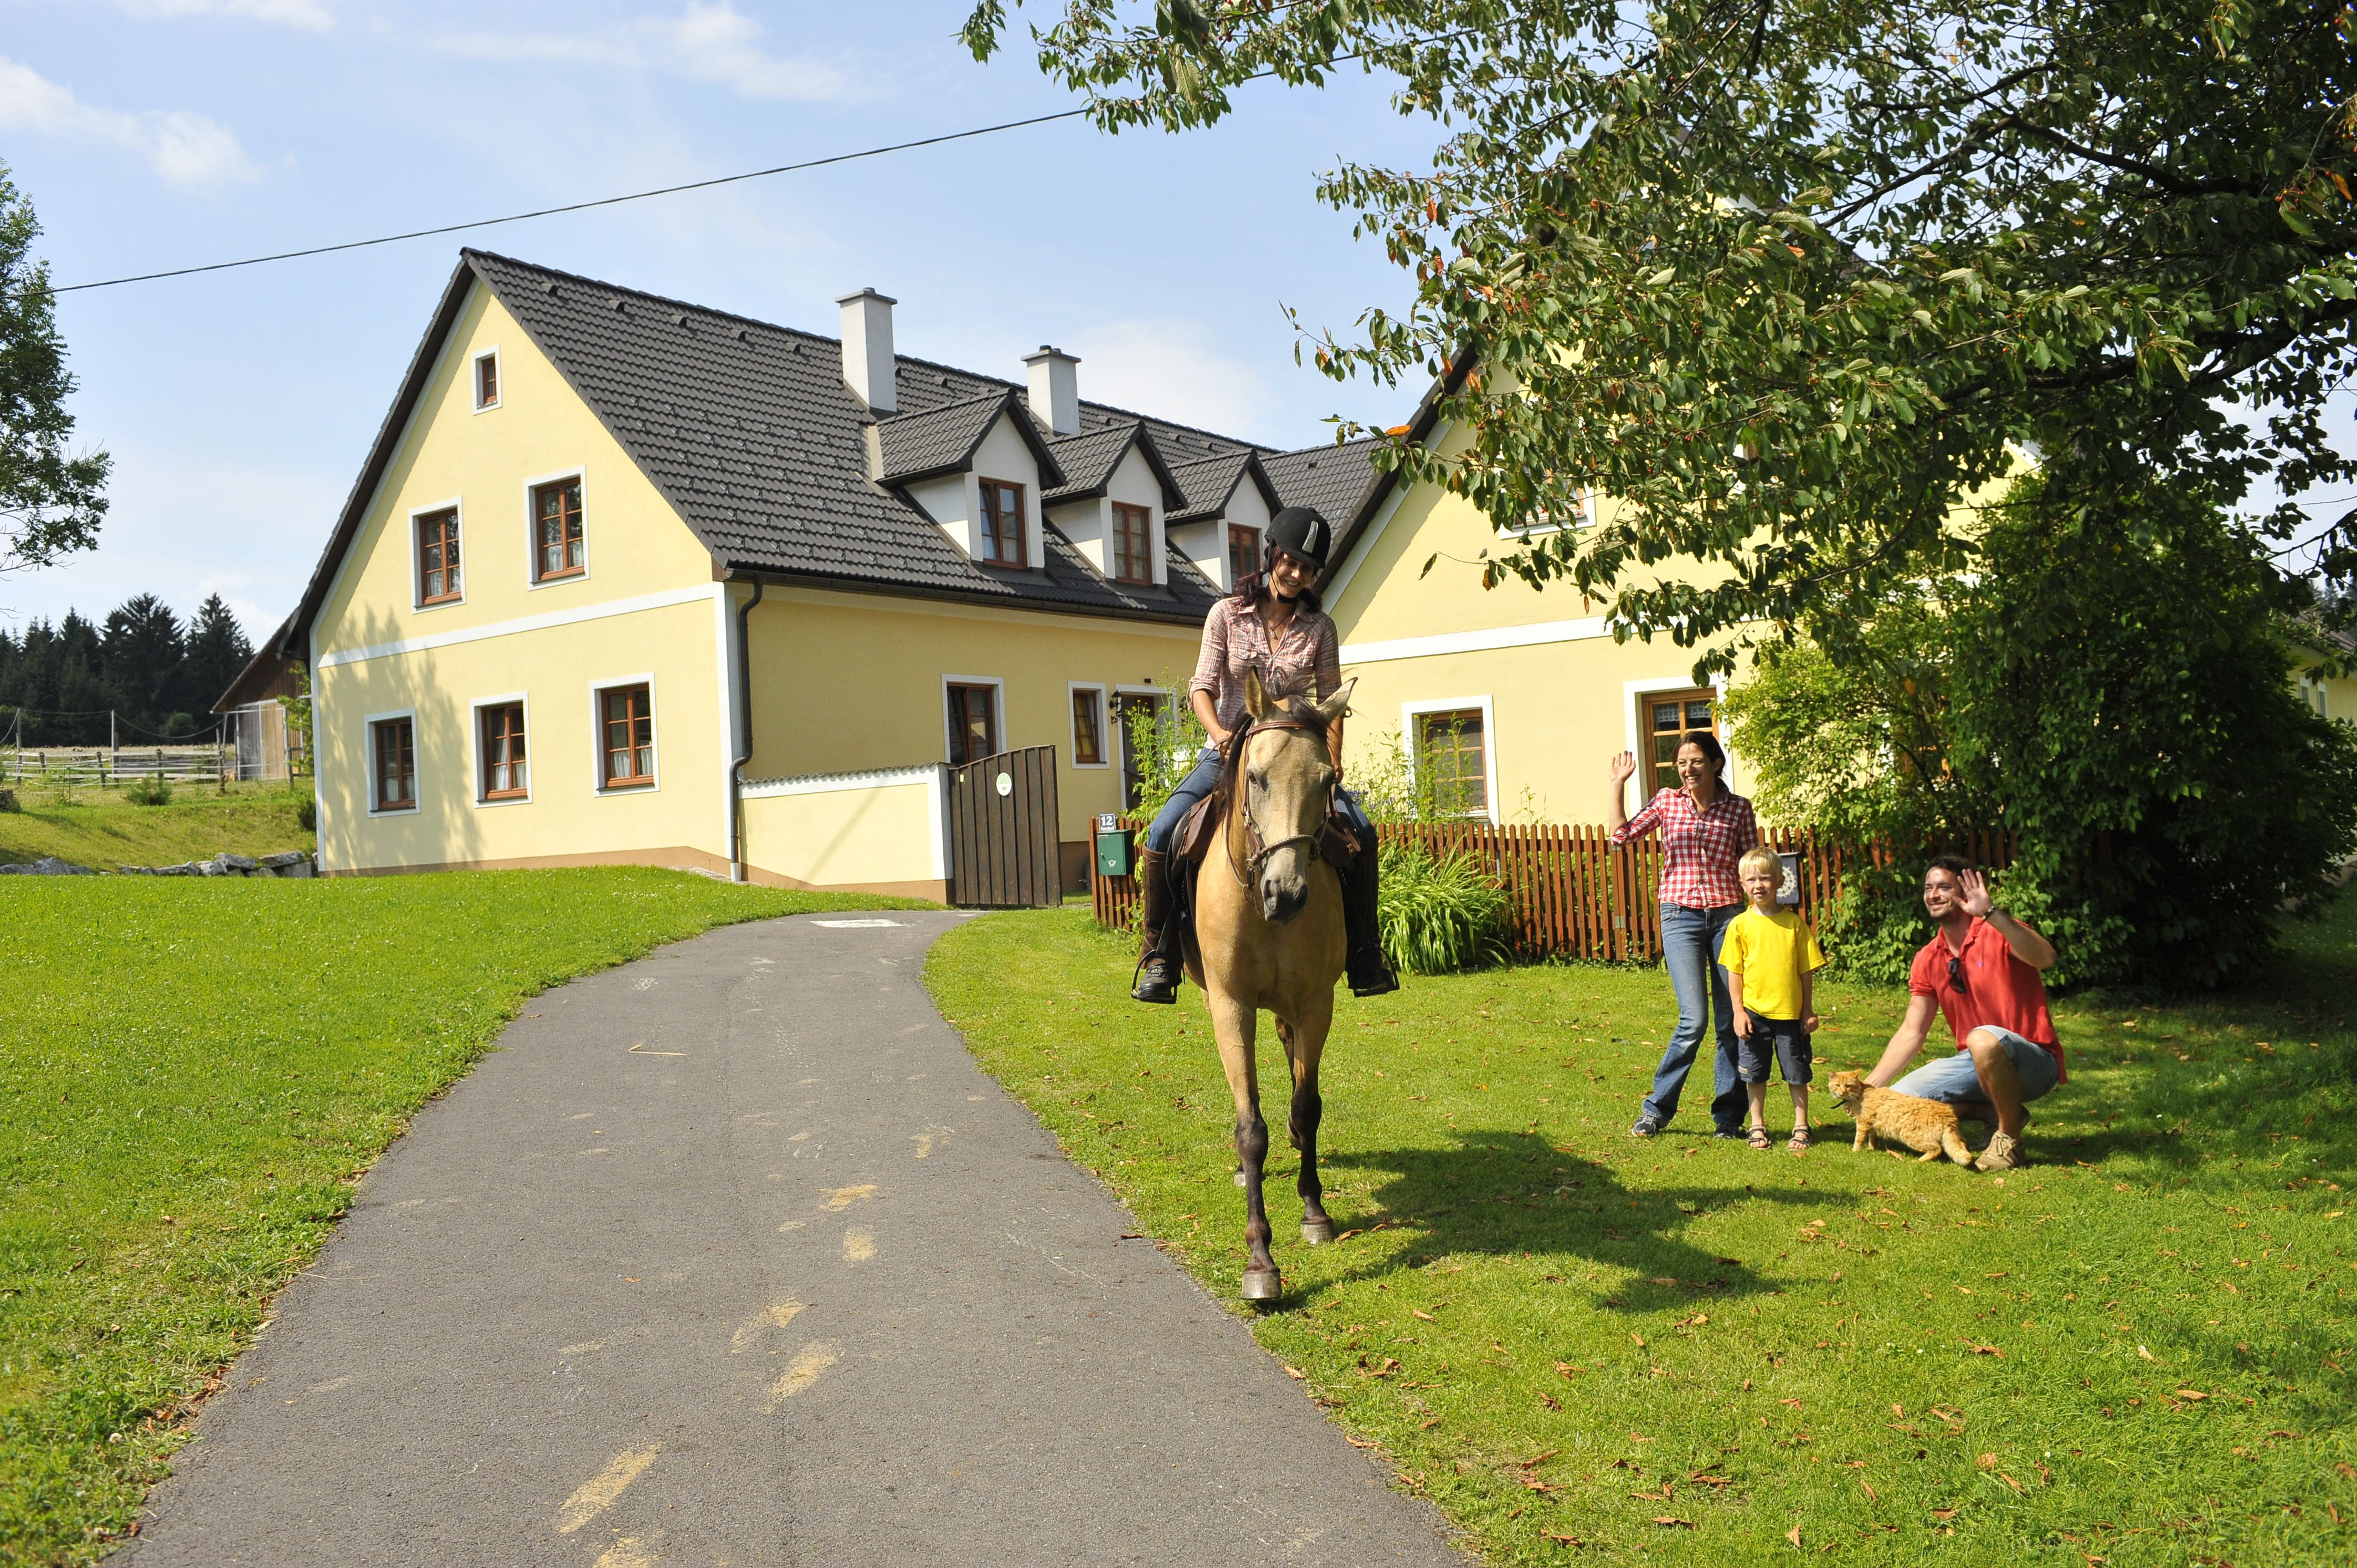 Urlaub am Reiterbauernhof  www.urlaubambauernhof.at/niederoesterreich